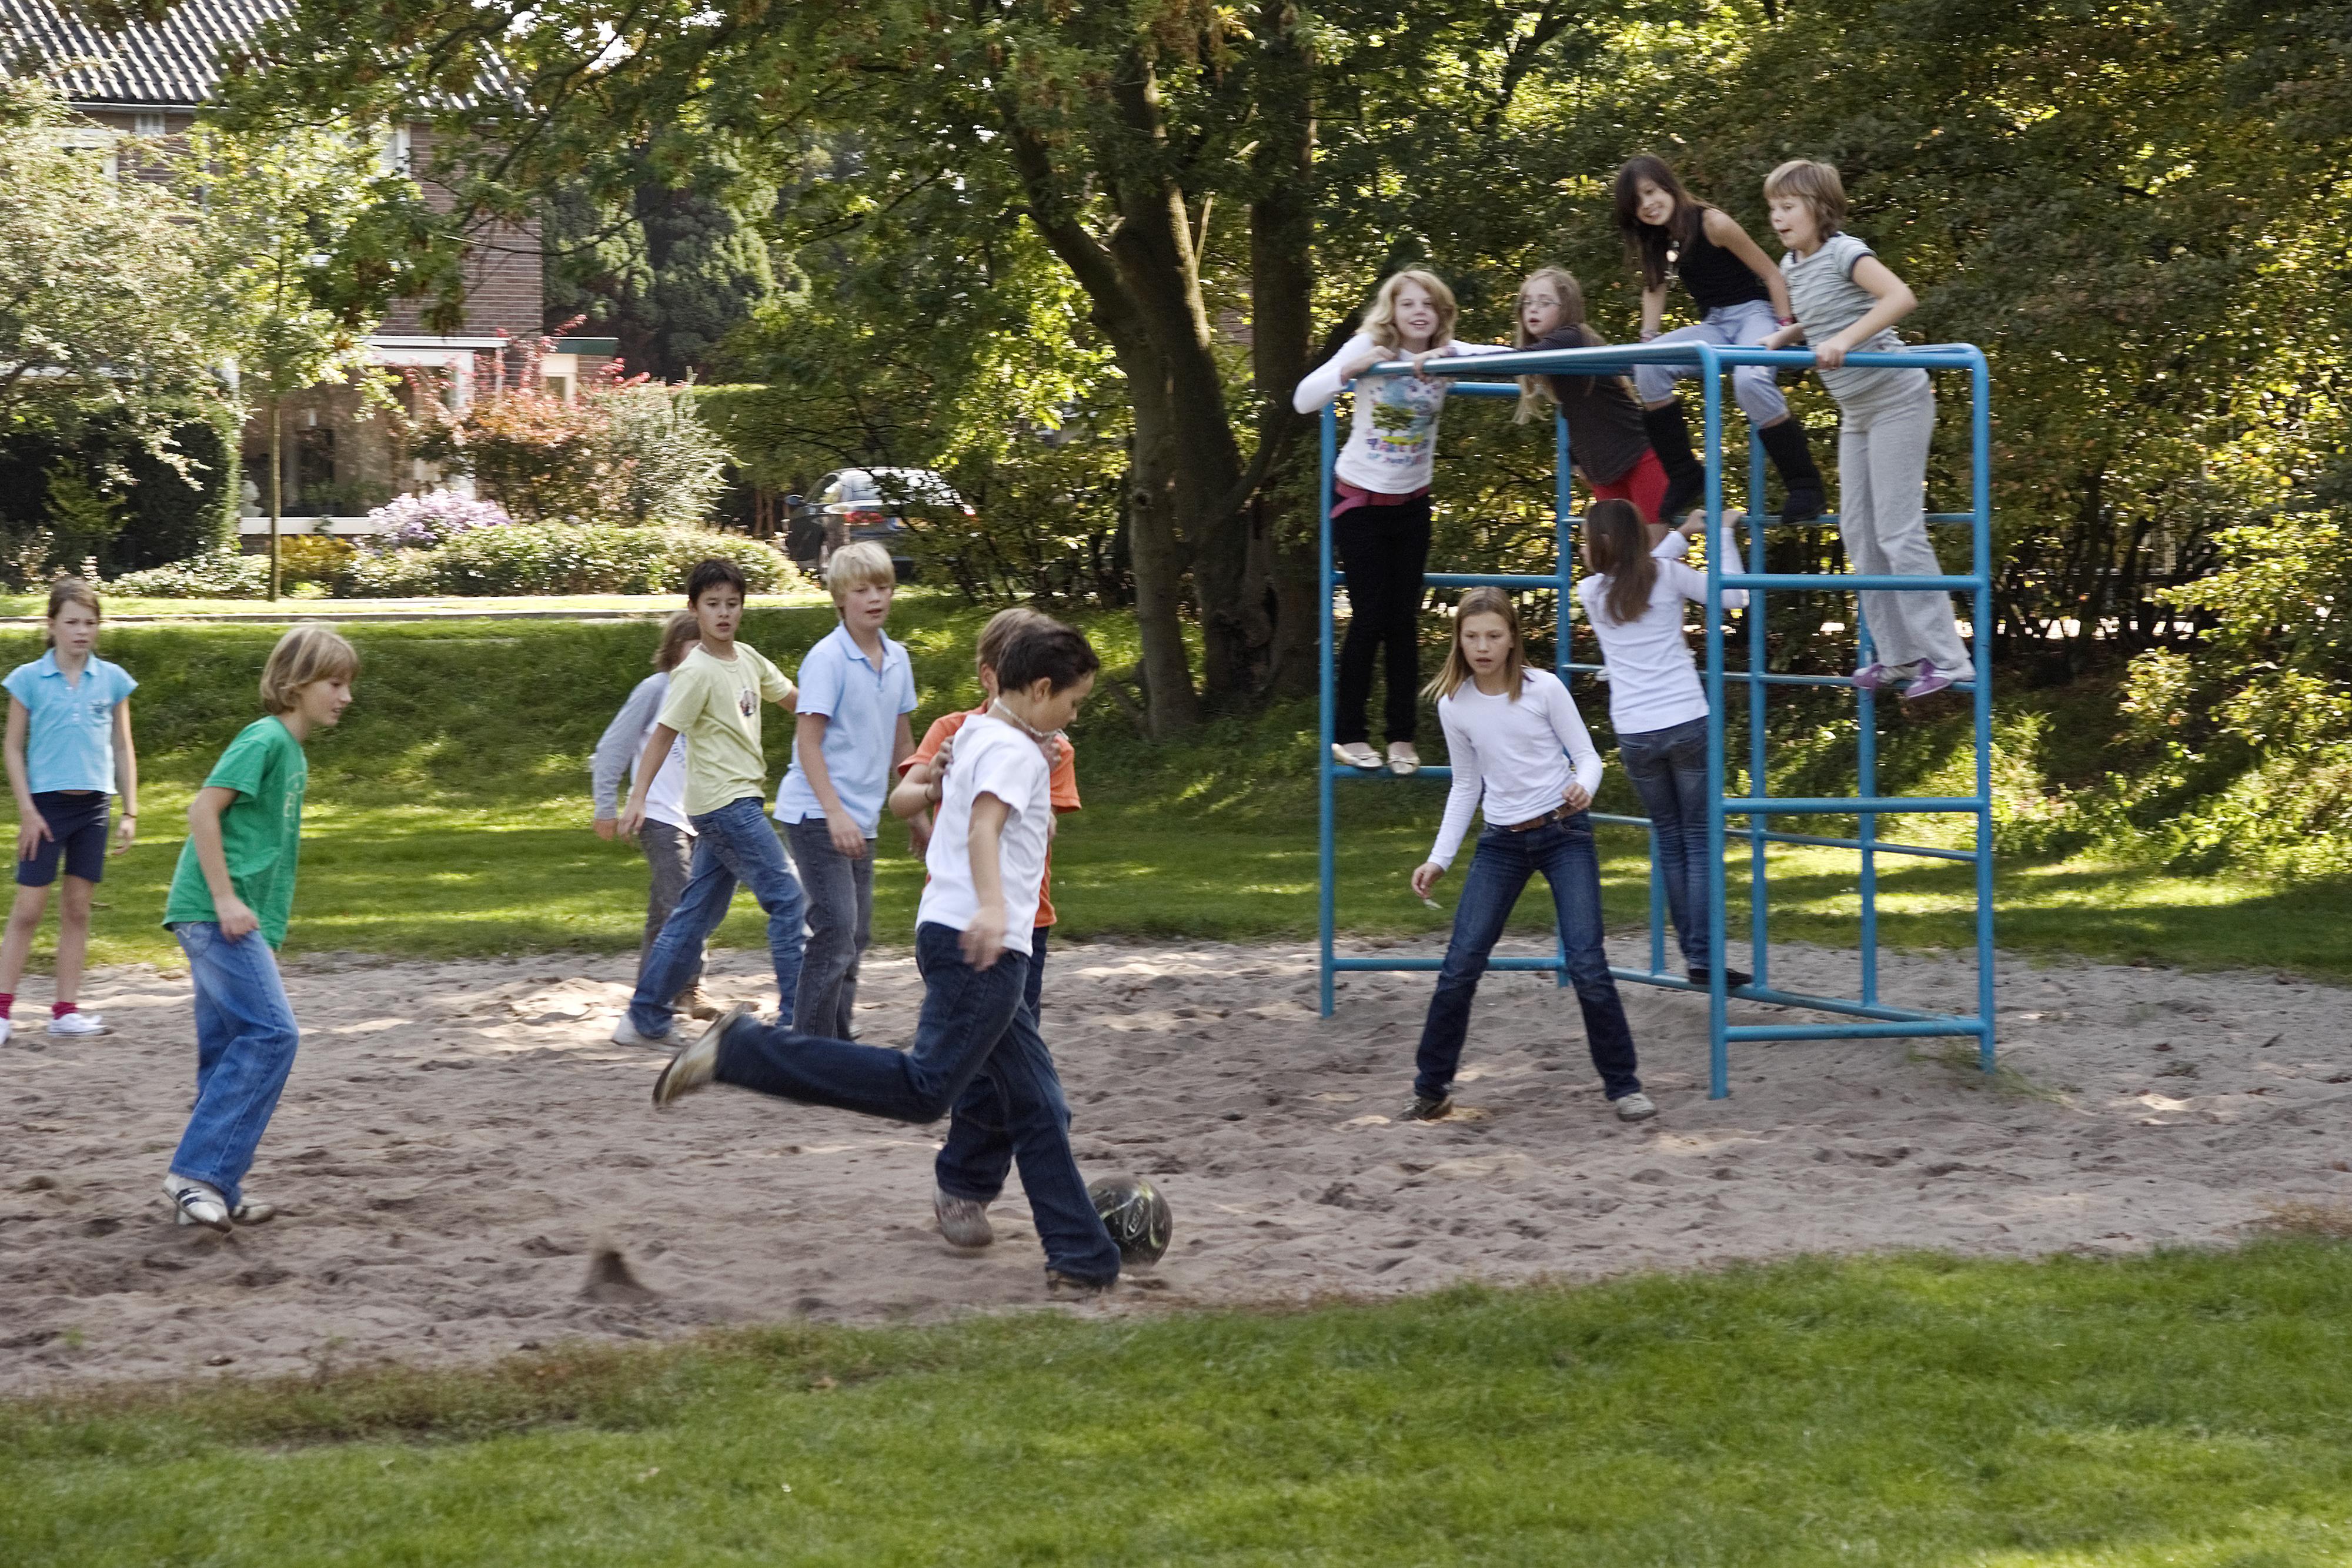 Bewegen in veilige schoolzones